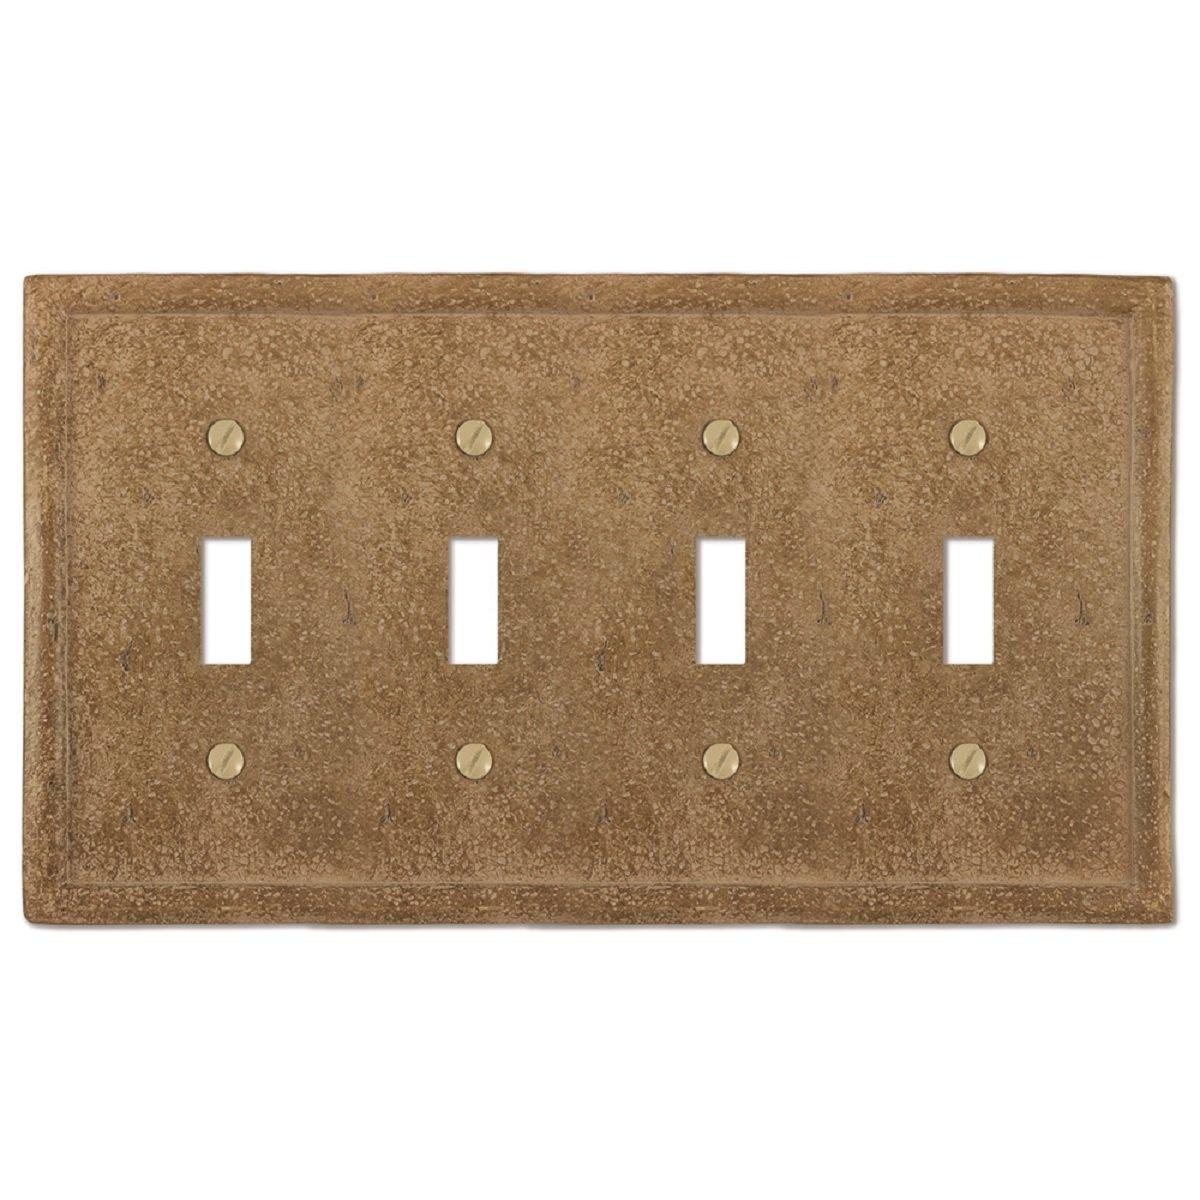 大人気新品 Amertac 8351TDNC 1 Toggle/1 Toggle/1 Duplex Wallplate Texture Noce Stone Noce Wallplate by AmerTac B00D22NQFY 4 Toggle 4 Toggle, こだわりパン屋の田中さん:da32d568 --- svecha37.ru